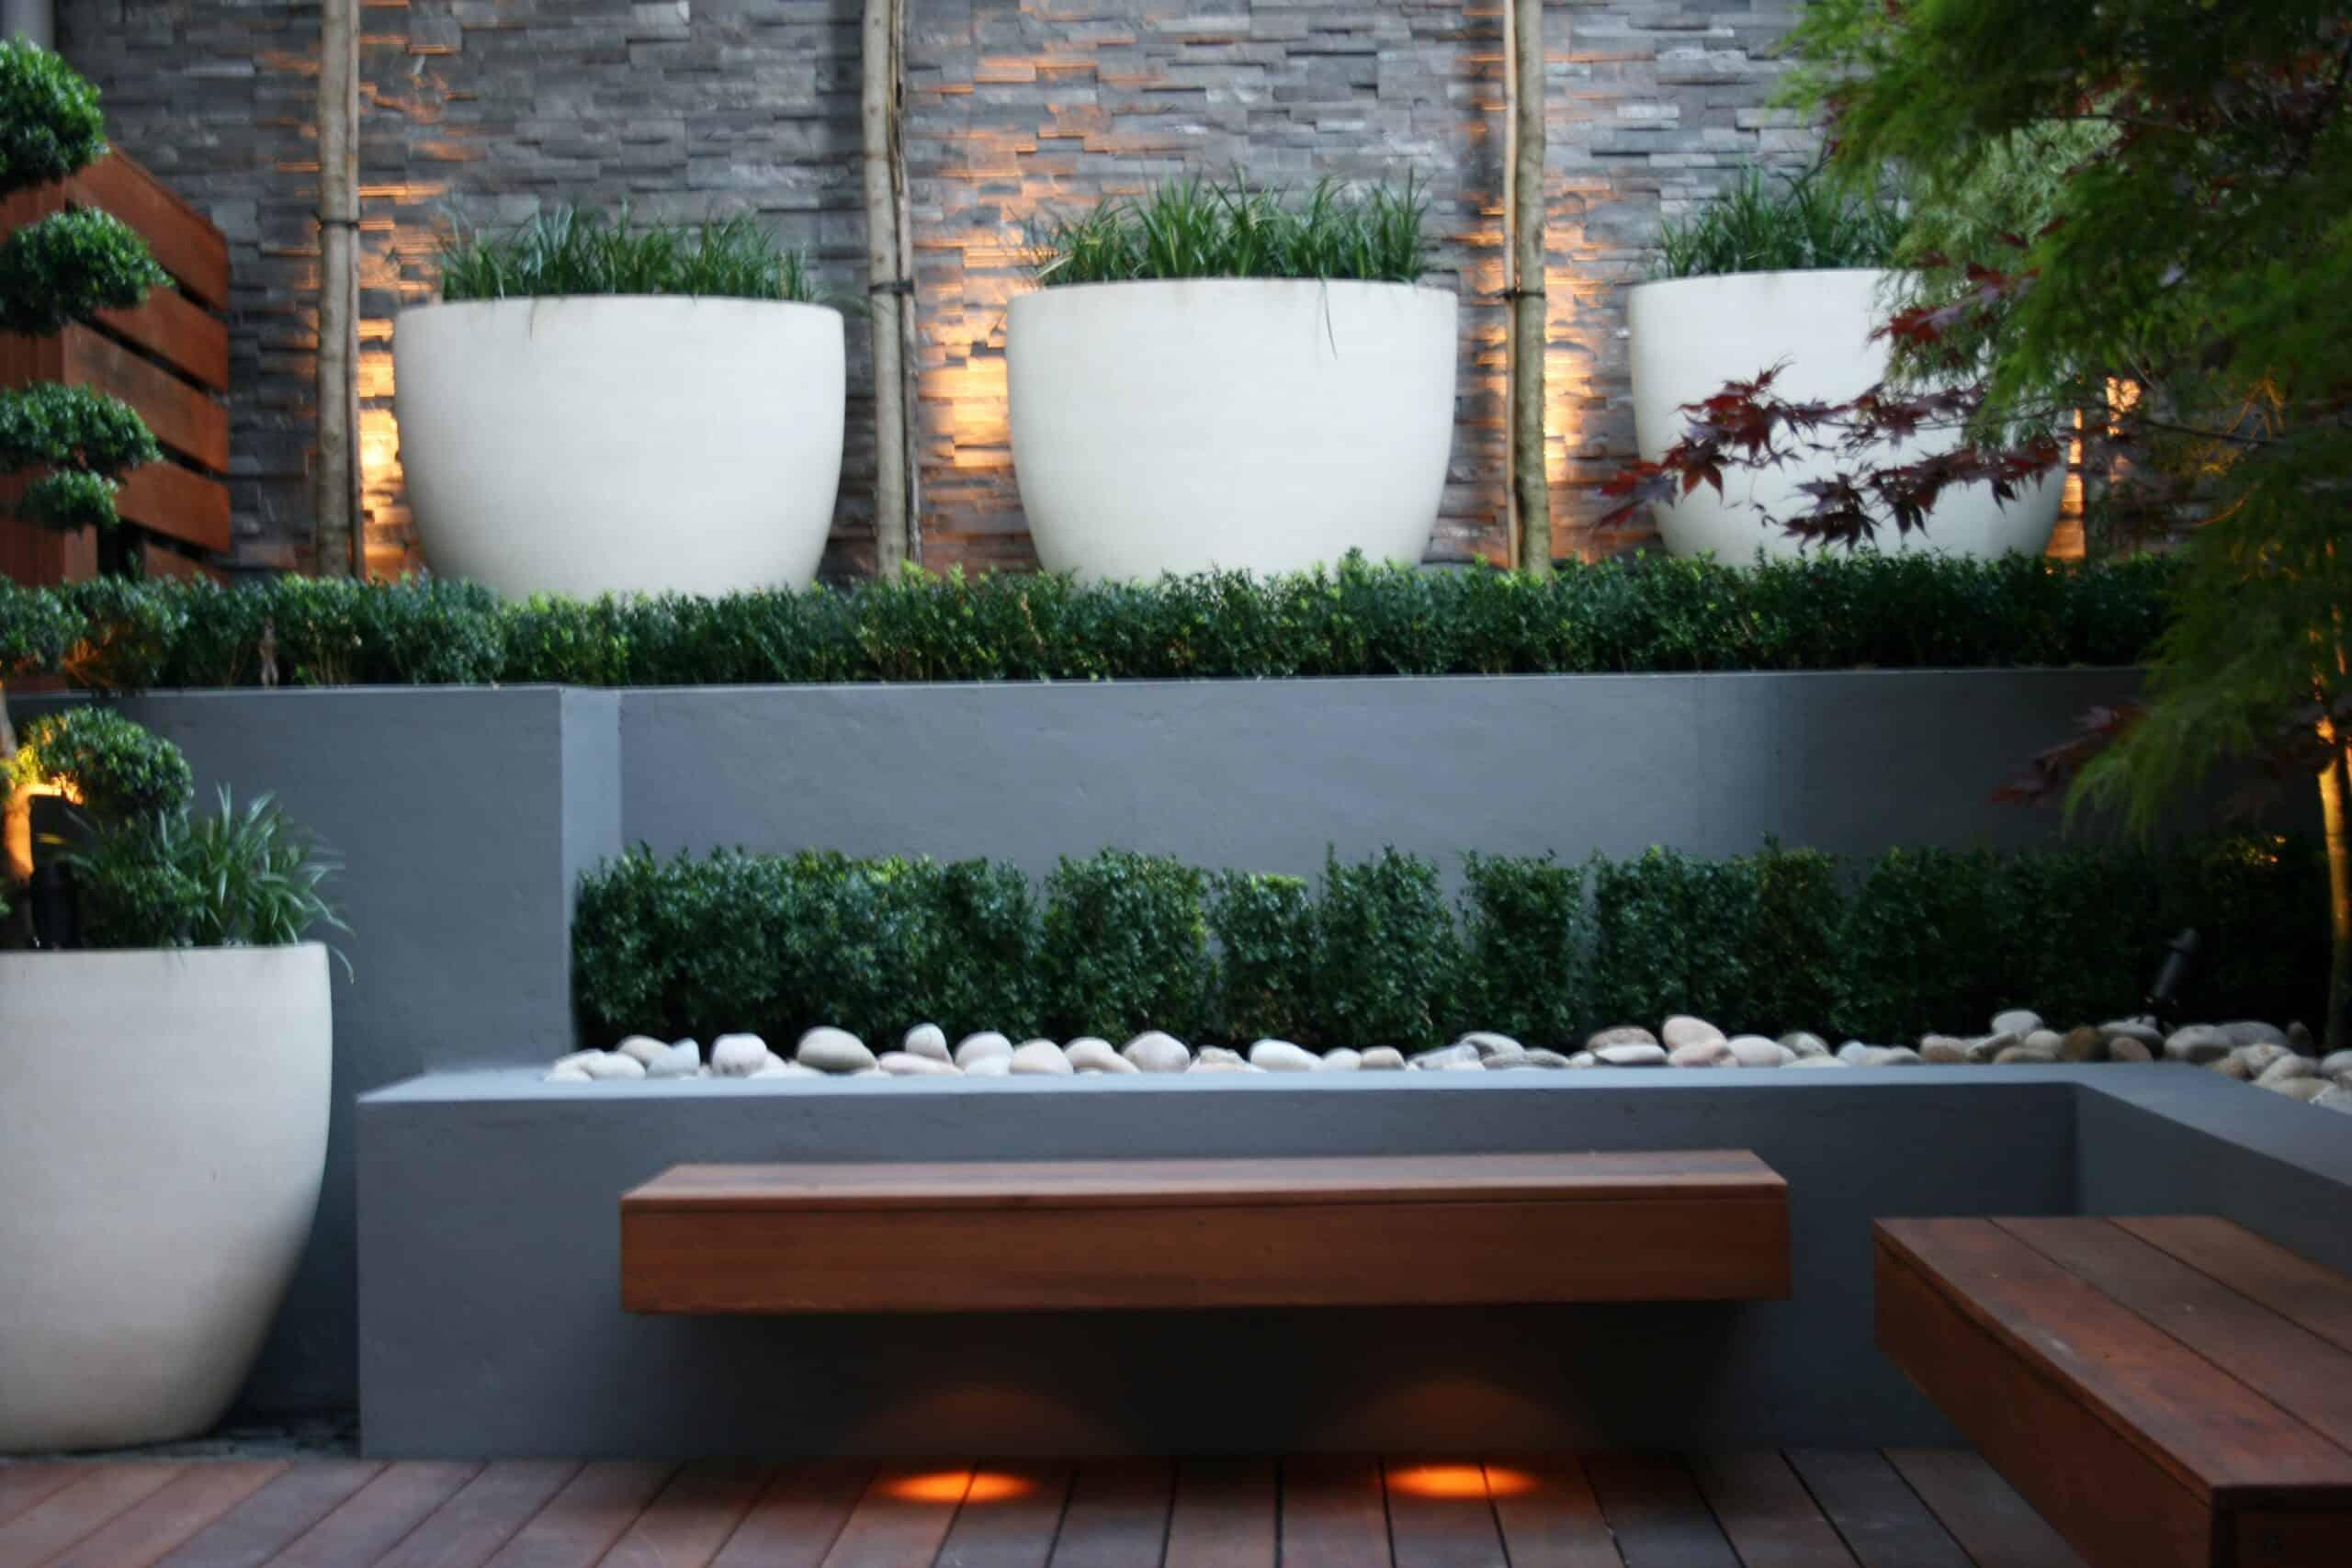 Eccentric Modern Garden Inspiration   10 Beautiful Ideas